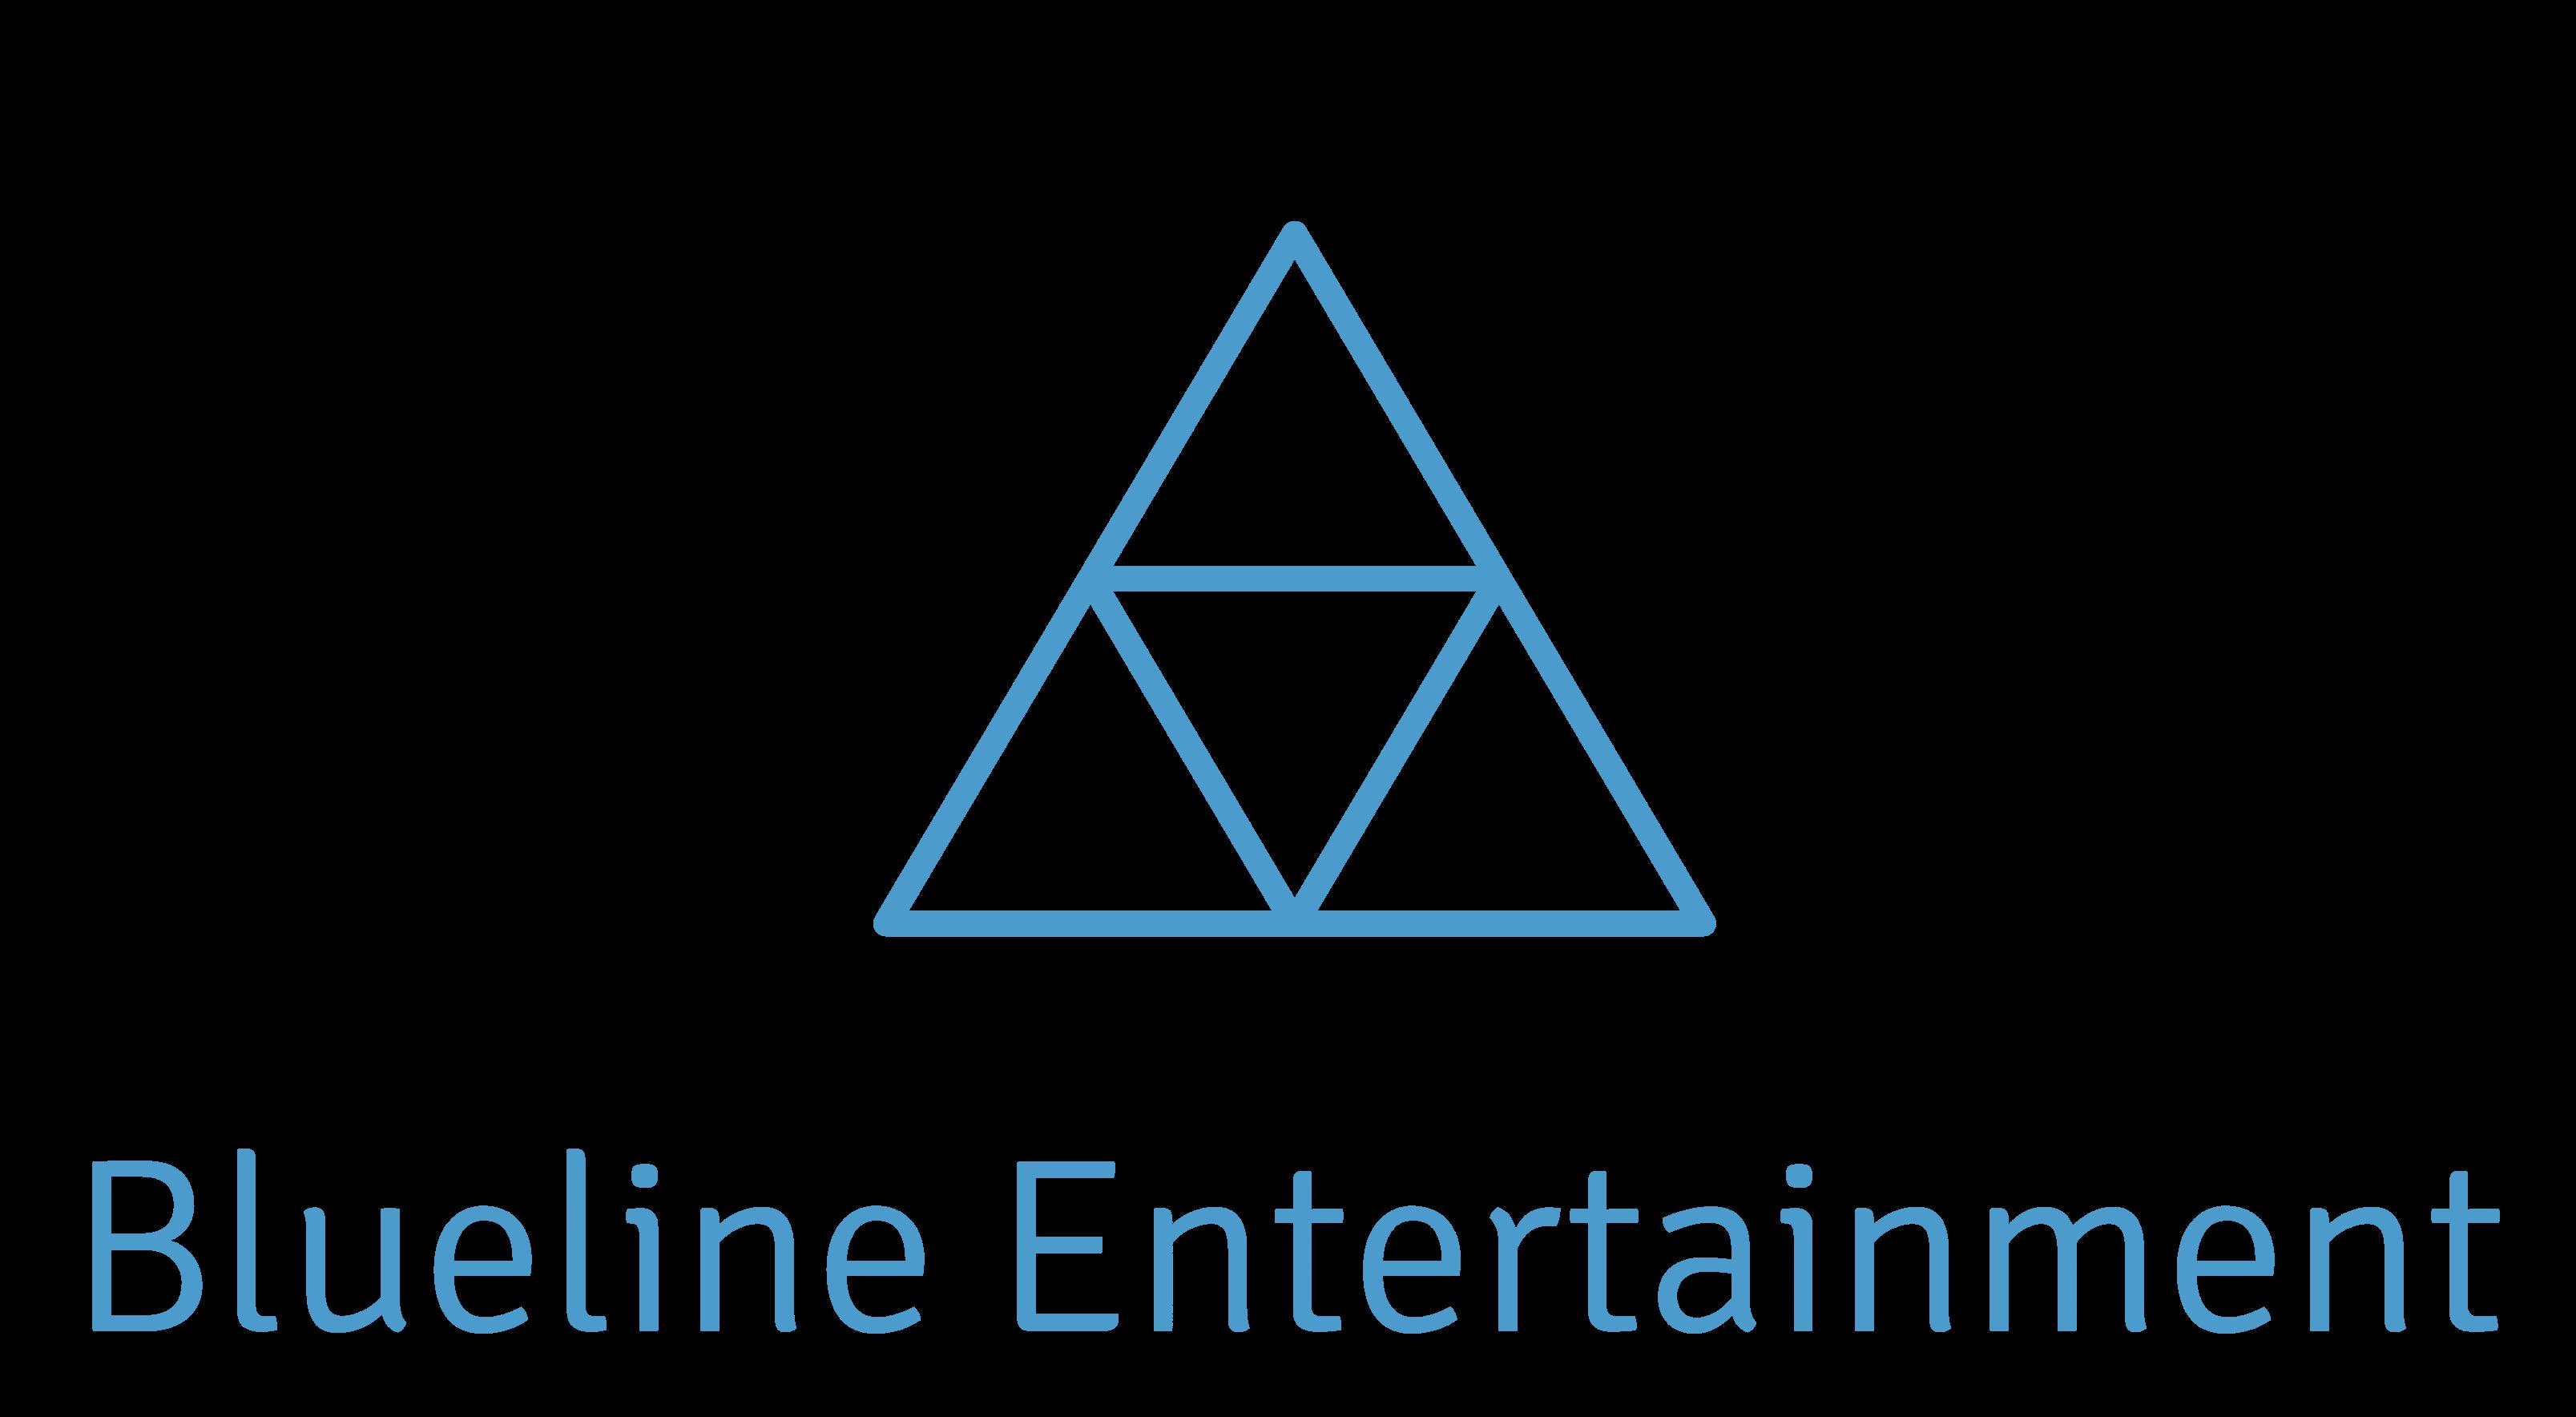 Blueline Entertainment